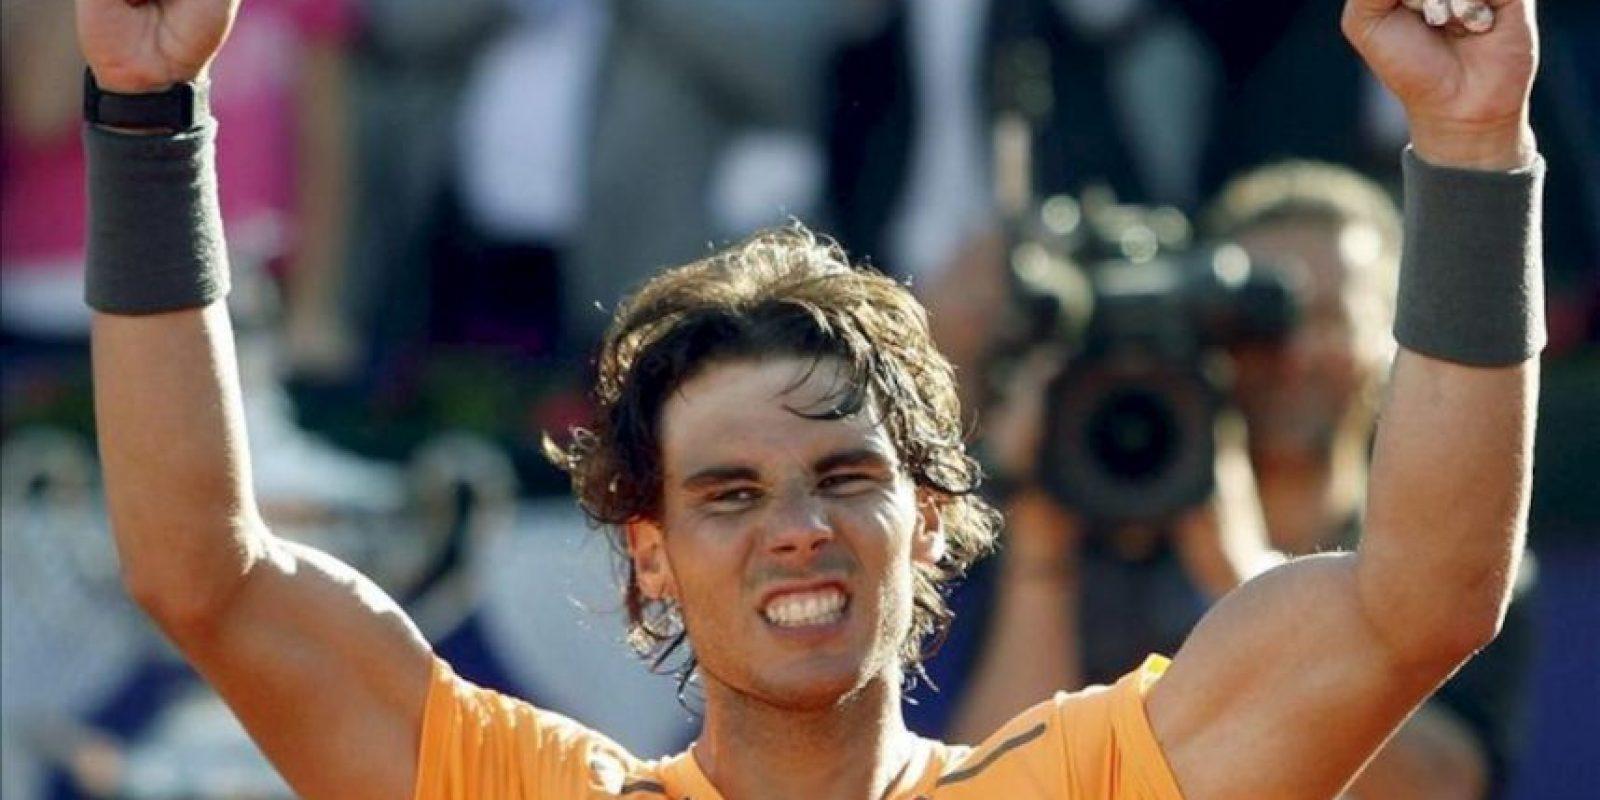 El tenista Rafa Nadal celebra su victoria en el trofeo Conde de Godó tras vencer en la final a David Ferrer , en el Real Club de Tenis de Barcelona. EFE